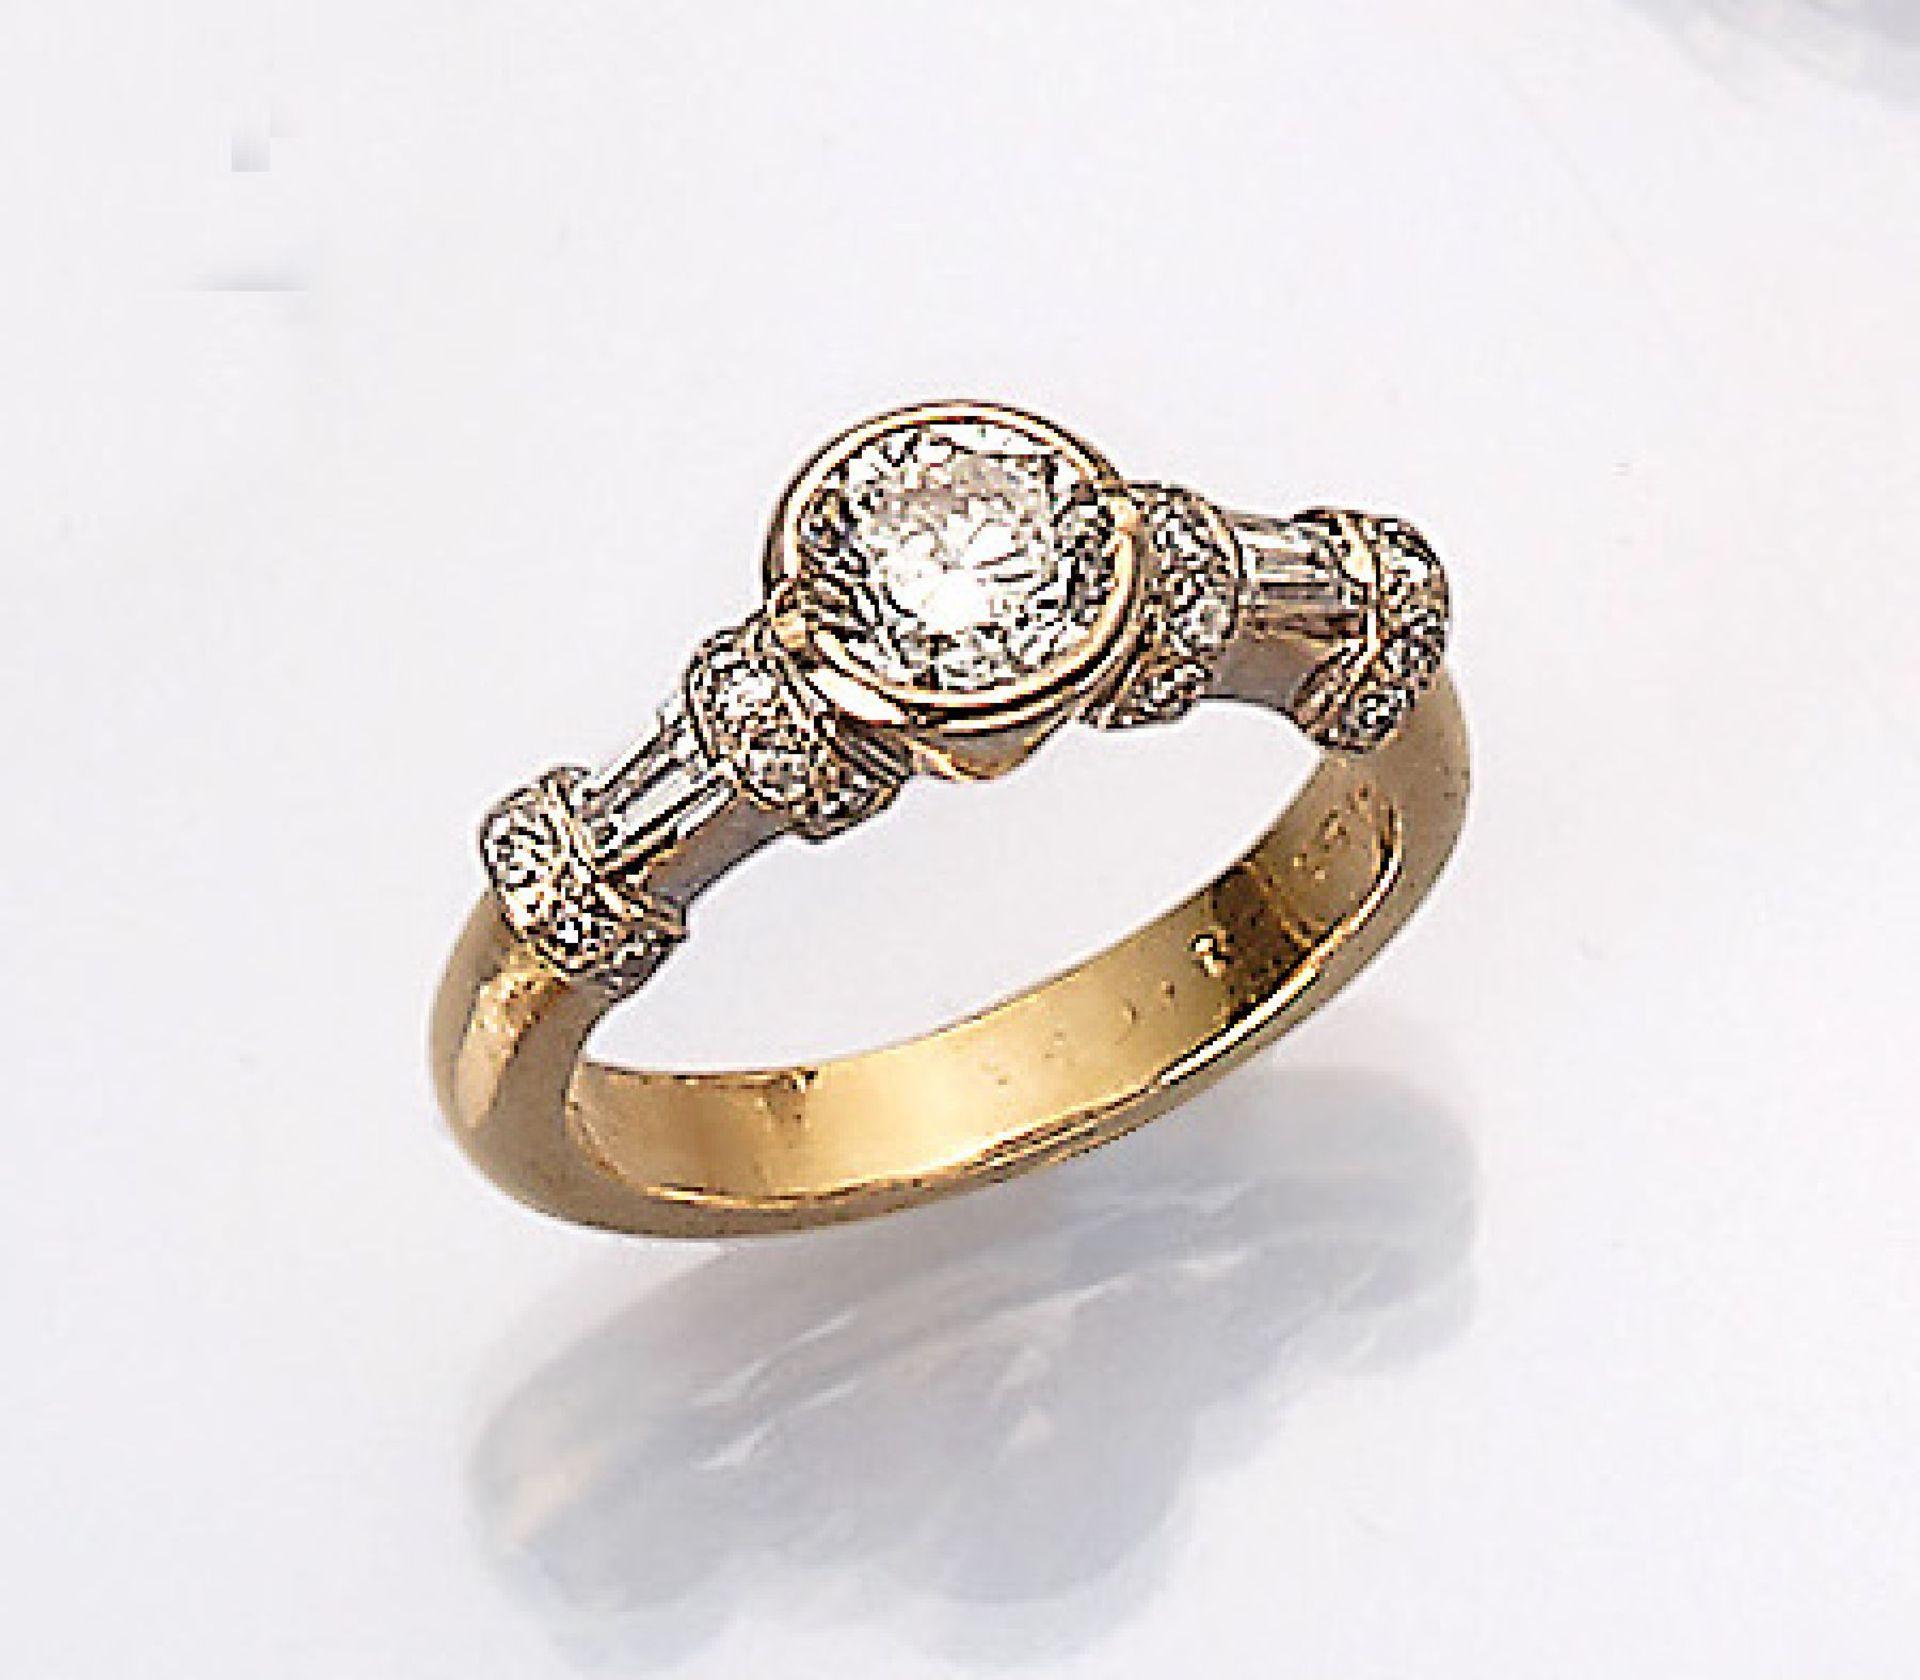 18 kt Gold Ring mit Diamanten, GG 750/000, mittig mit einem Brillant ca. 1.00 ct und weitere 20